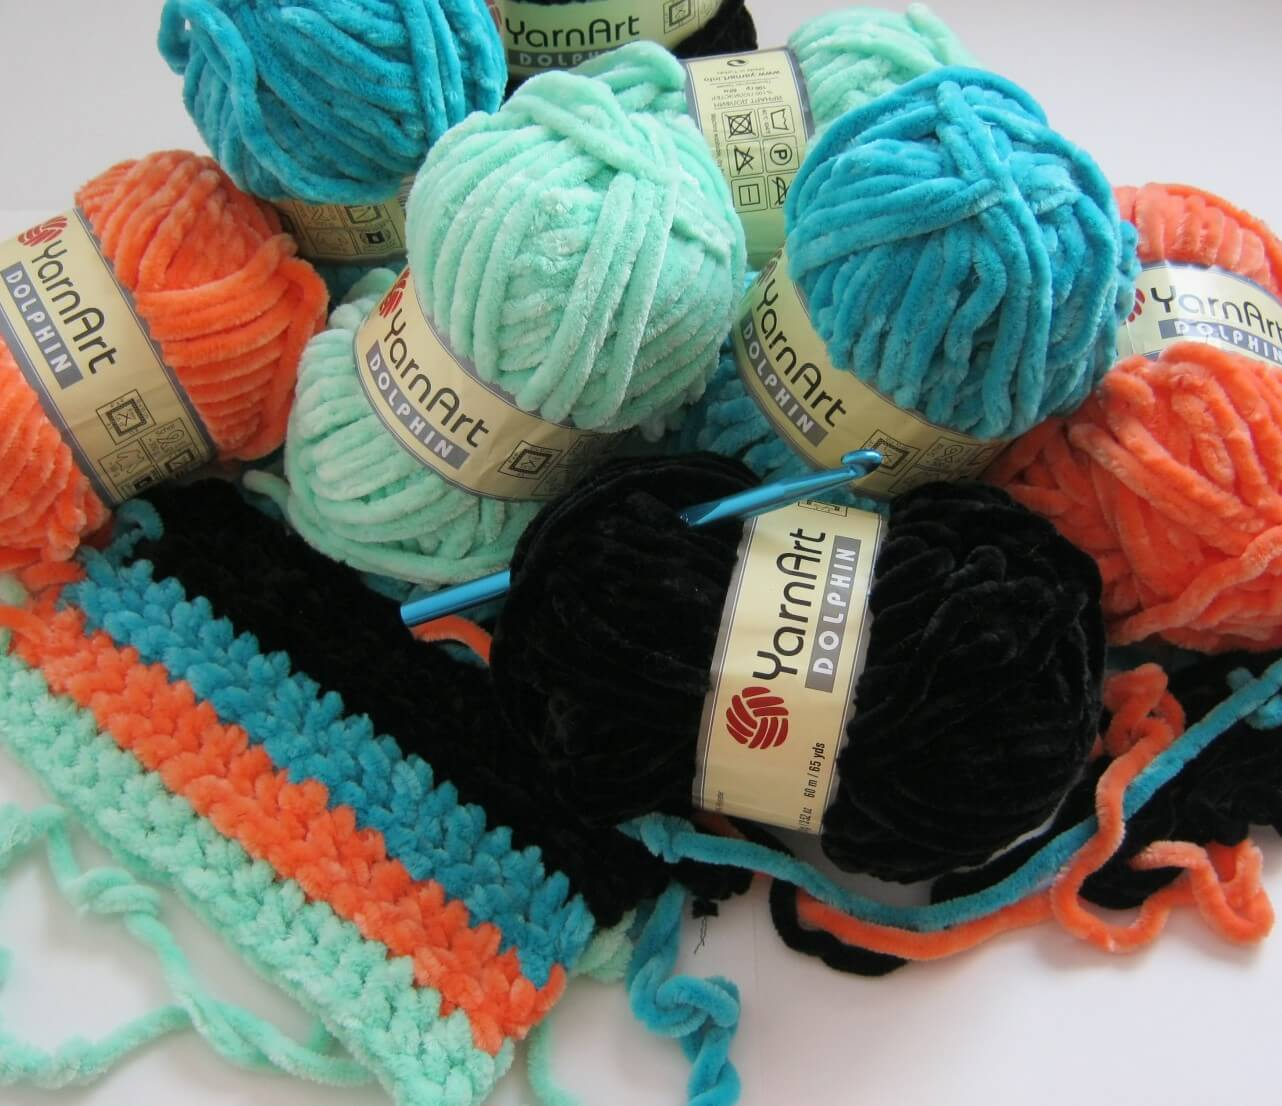 товары для вязания крючком от производителя по низким ценам